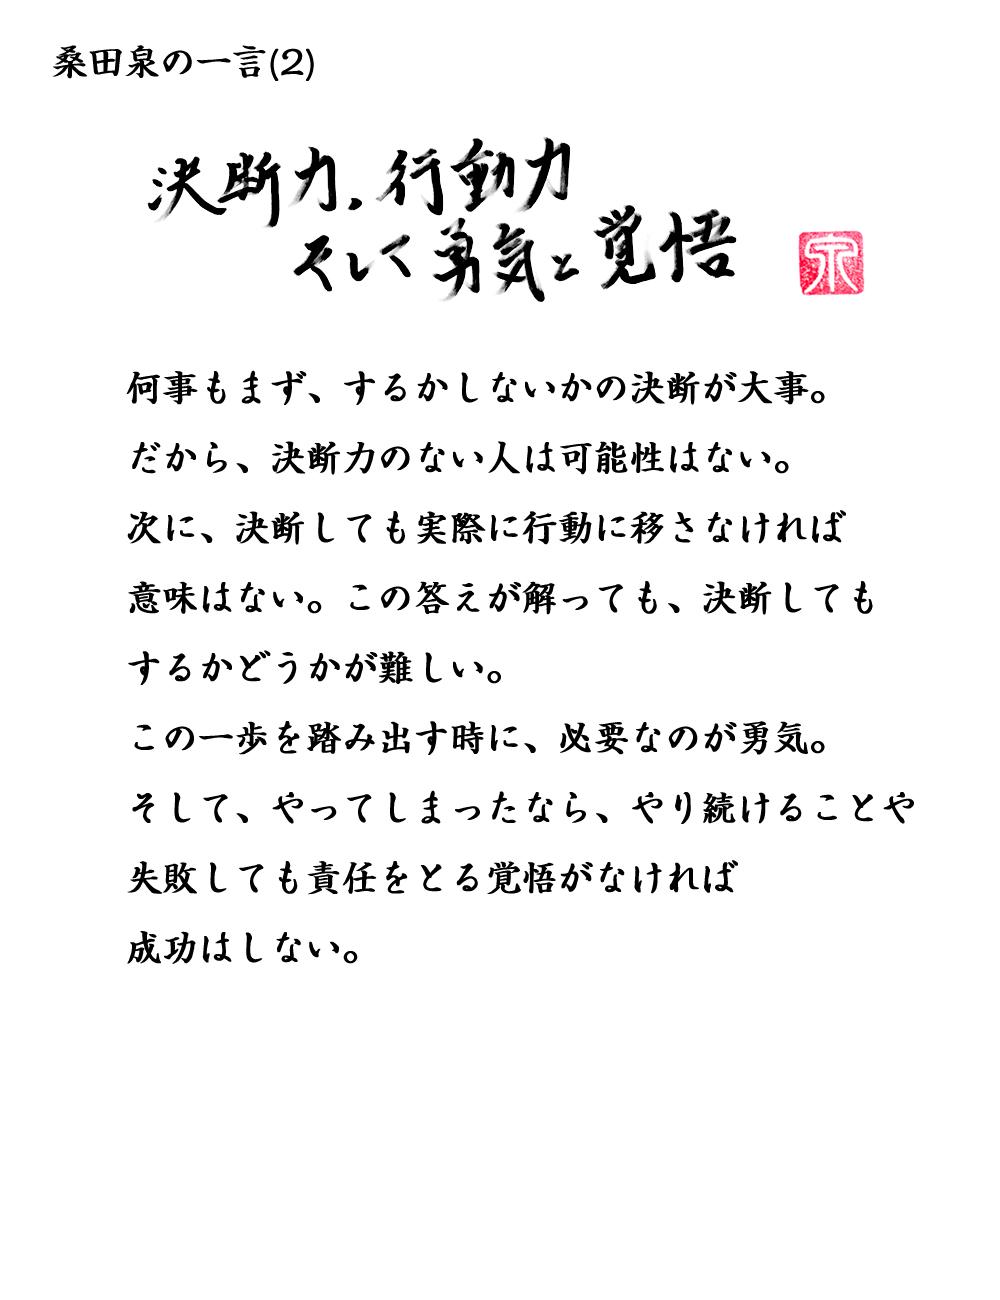 桑田泉の一言 決断力、行動力、そして勇気と覚悟